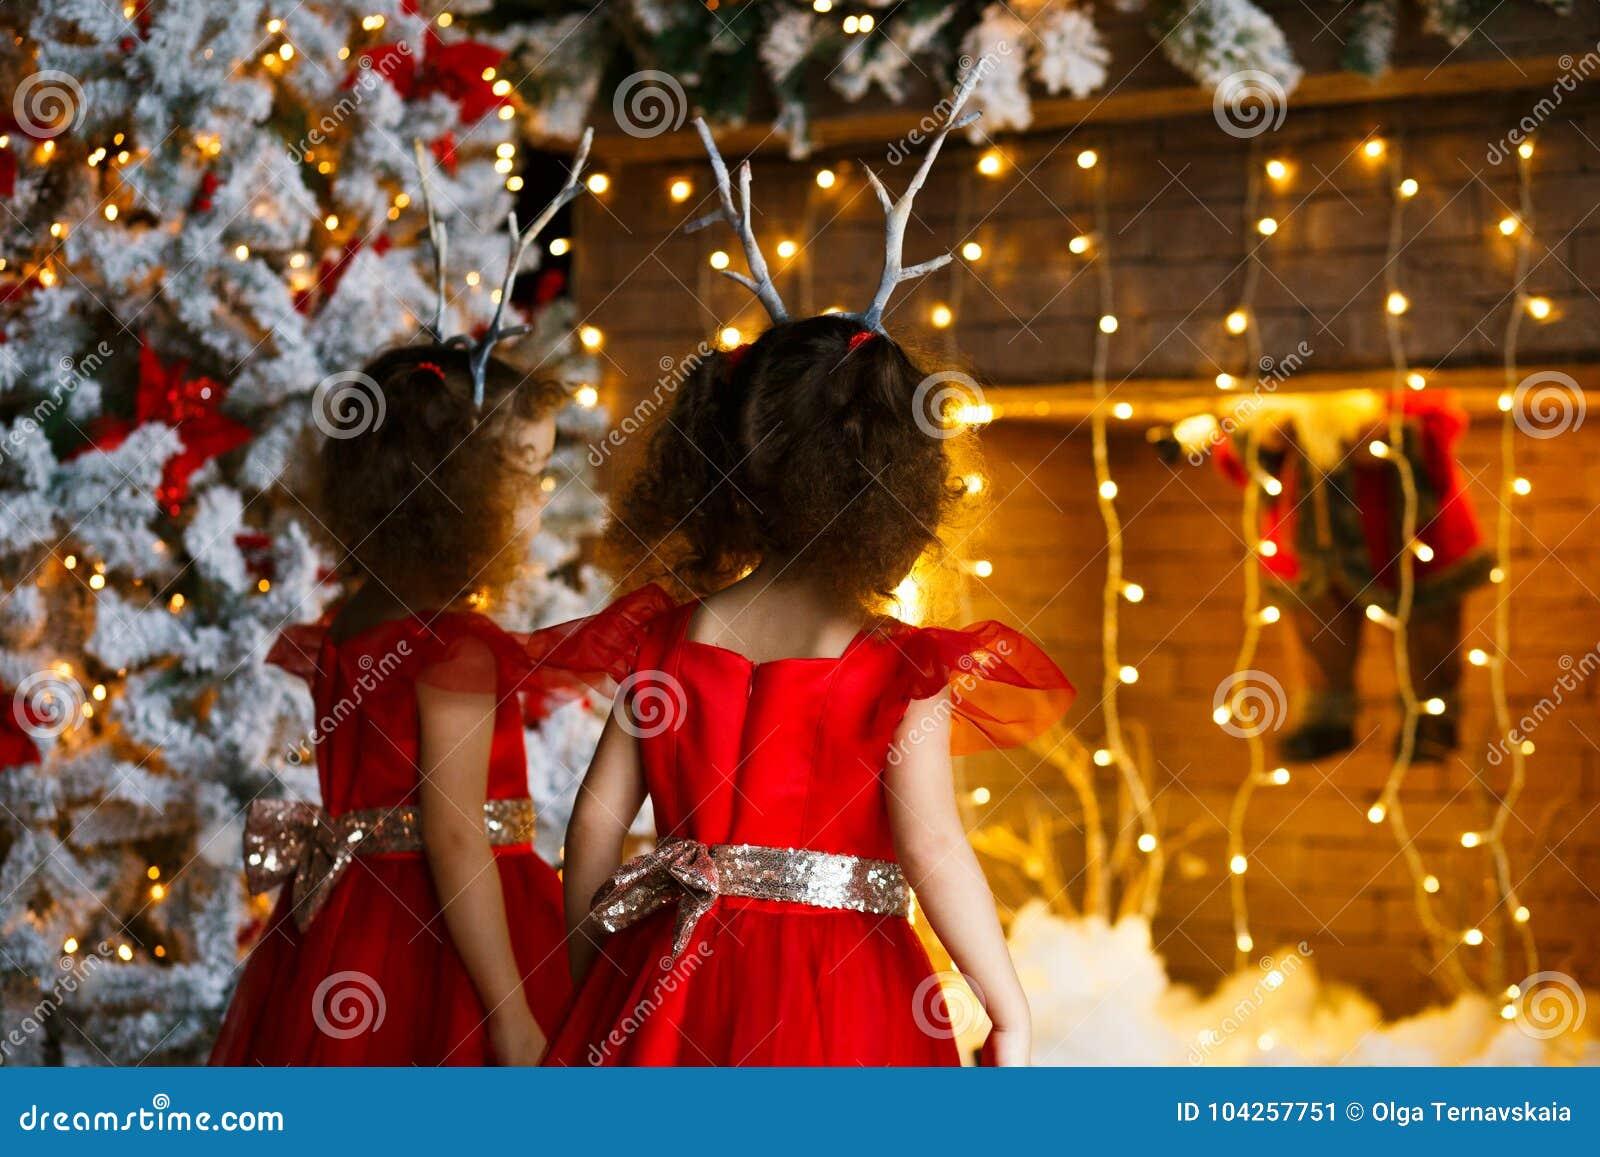 Zwei gelockte kleine Mädchen, die den Weihnachtskamin nahe schönem Weihnachtsbaum betrachten Zwillinge in den roten Kleidern, die